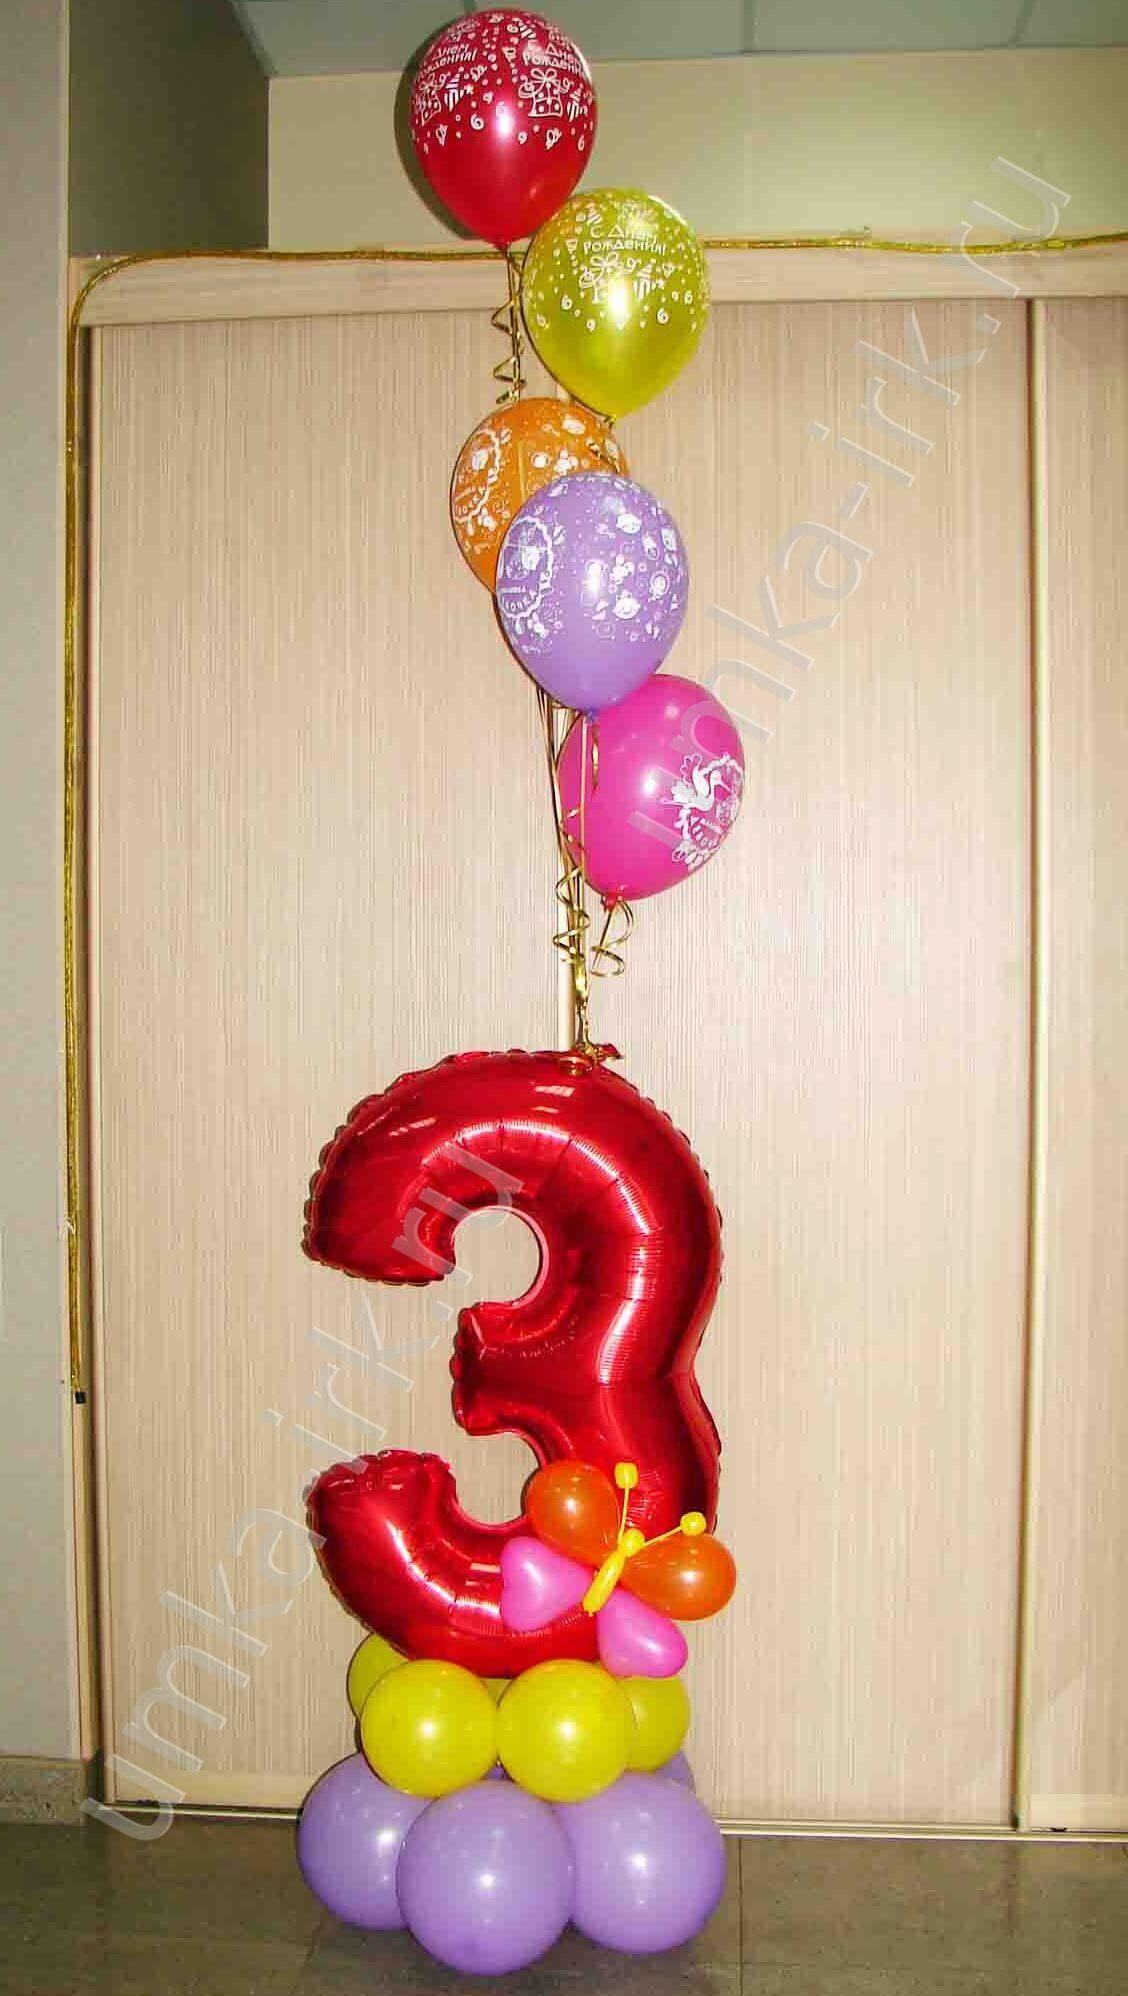 Сегодня делаем цифру 2 двойку из воздушных шаров своими руками.